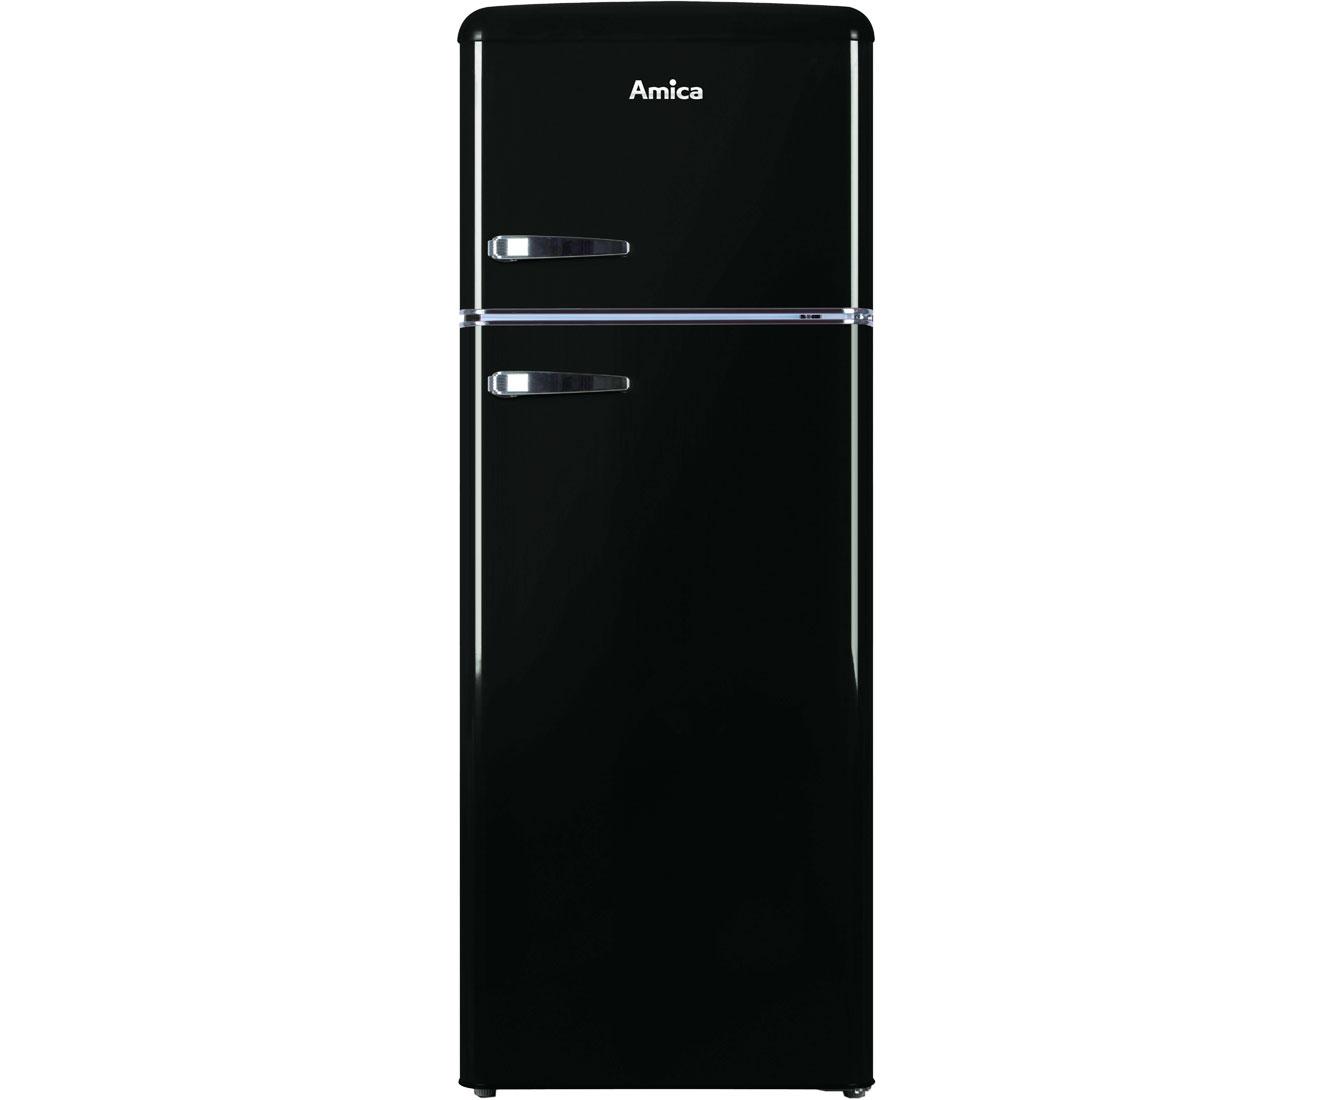 Kühlschrank Retro Schwarz : Amica kgc s kühl gefrierkombination retro design freistehend